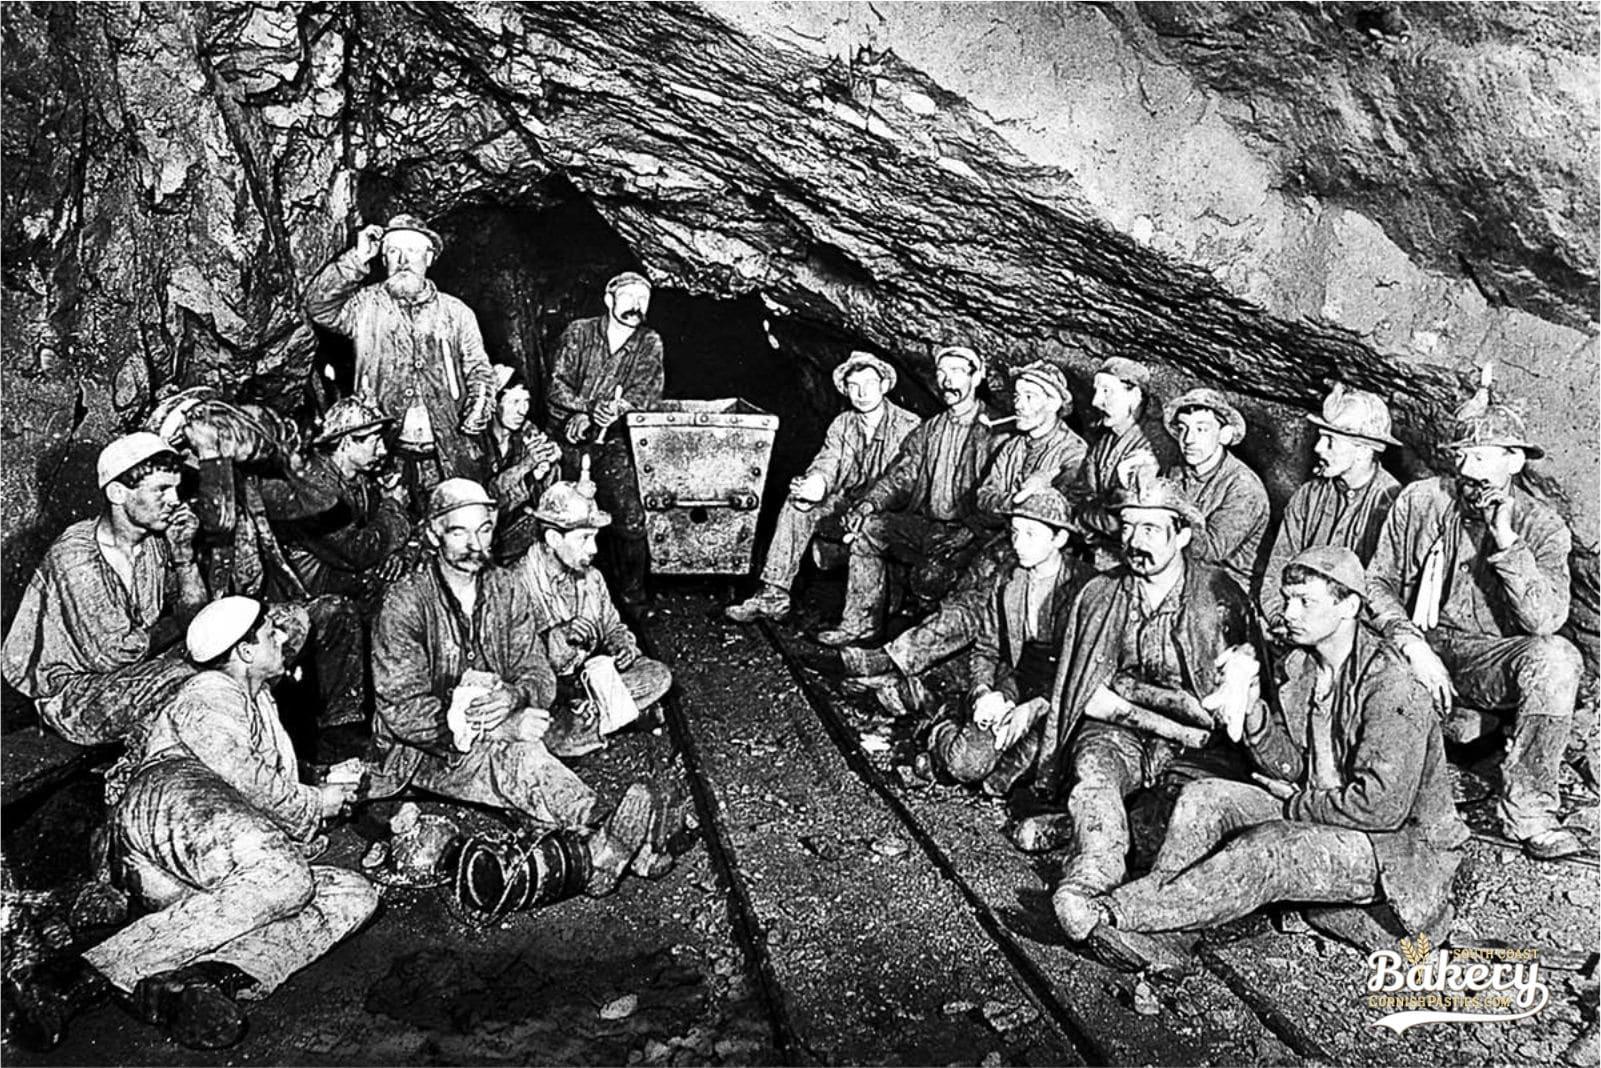 South Coast Bakery Cornish Miners